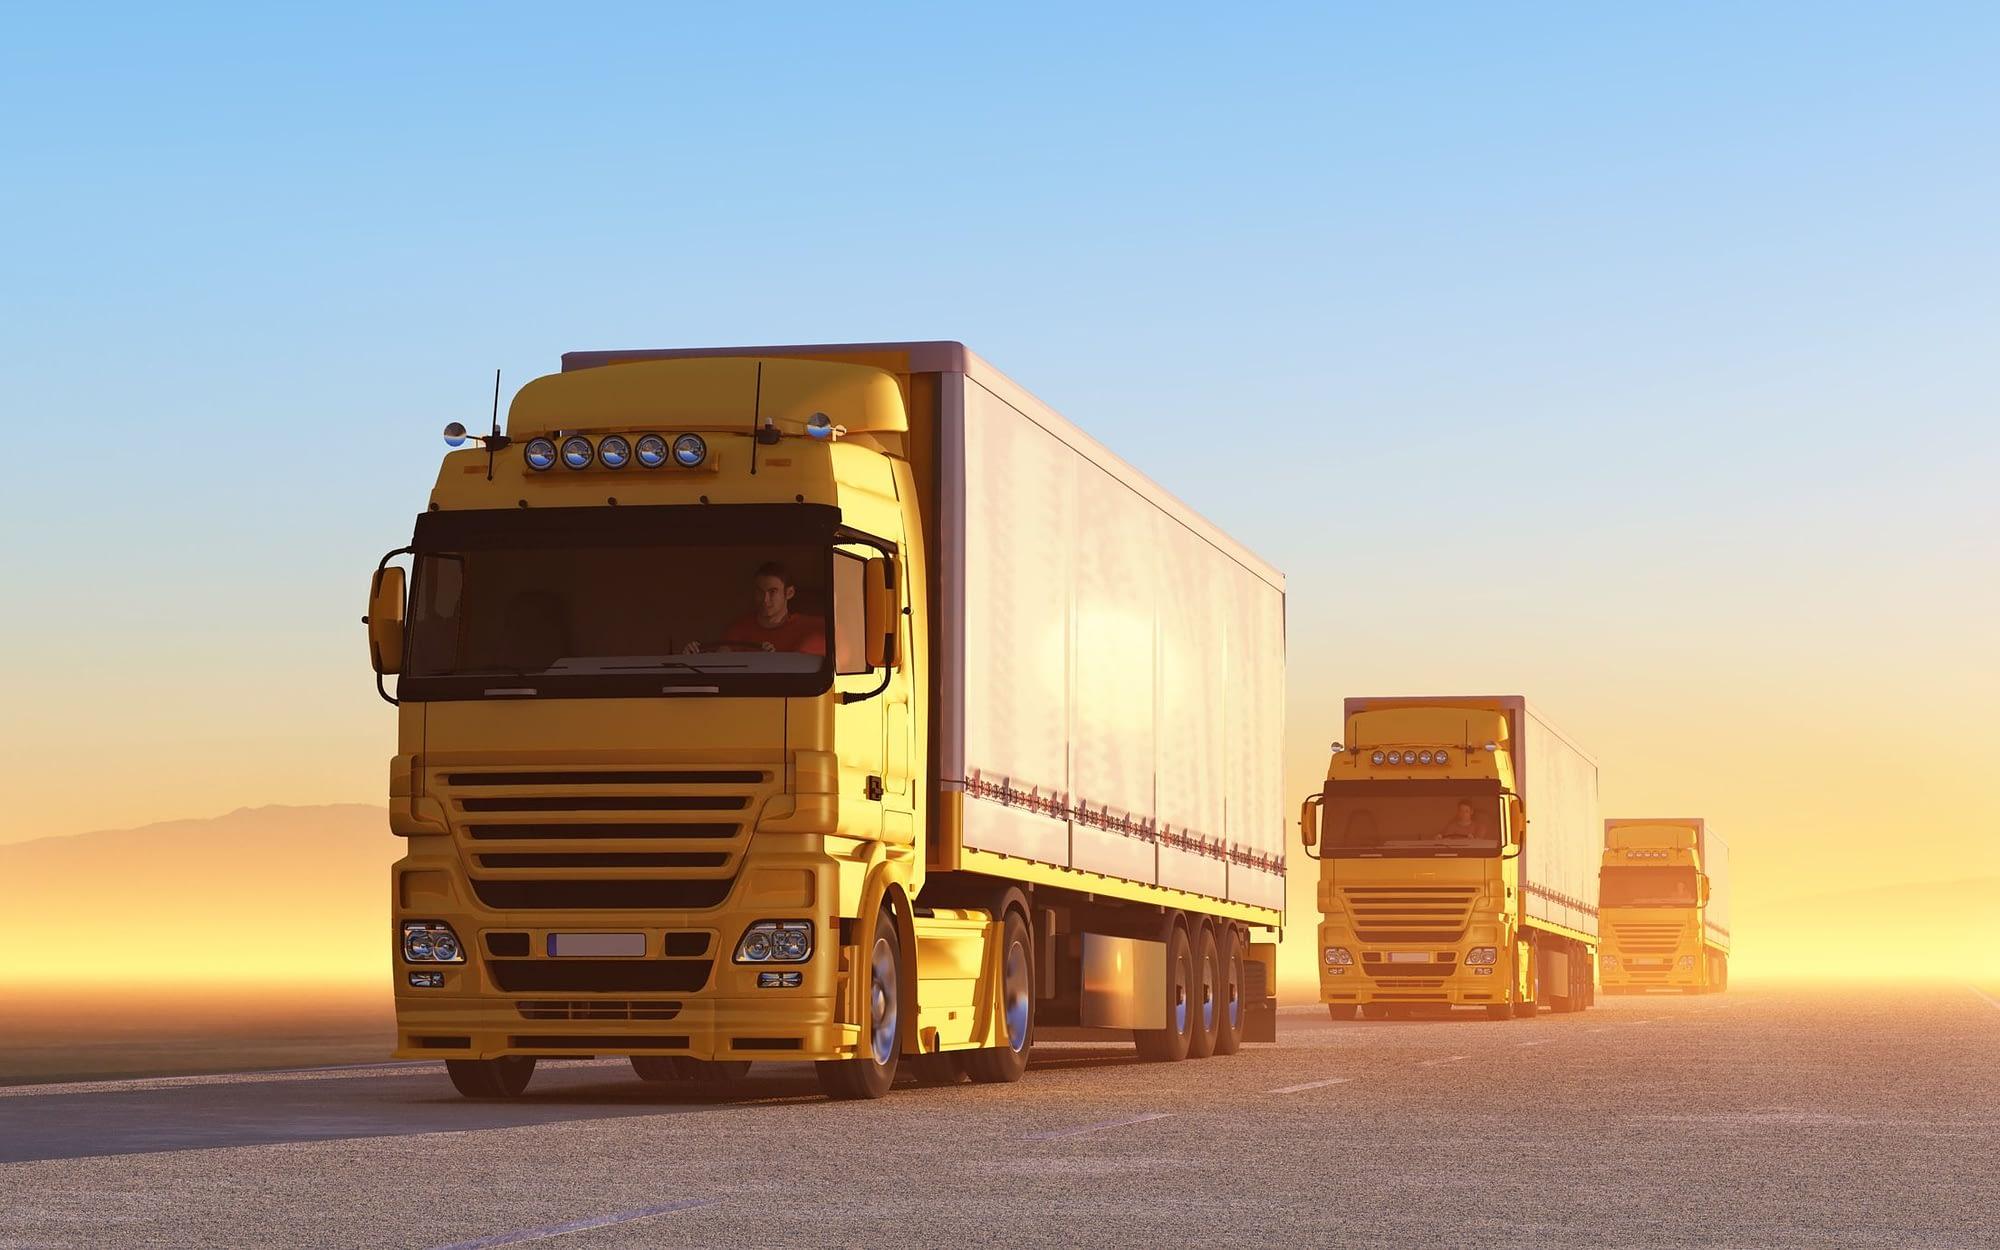 Multas no transporte de cargas: como evitar e recorrer